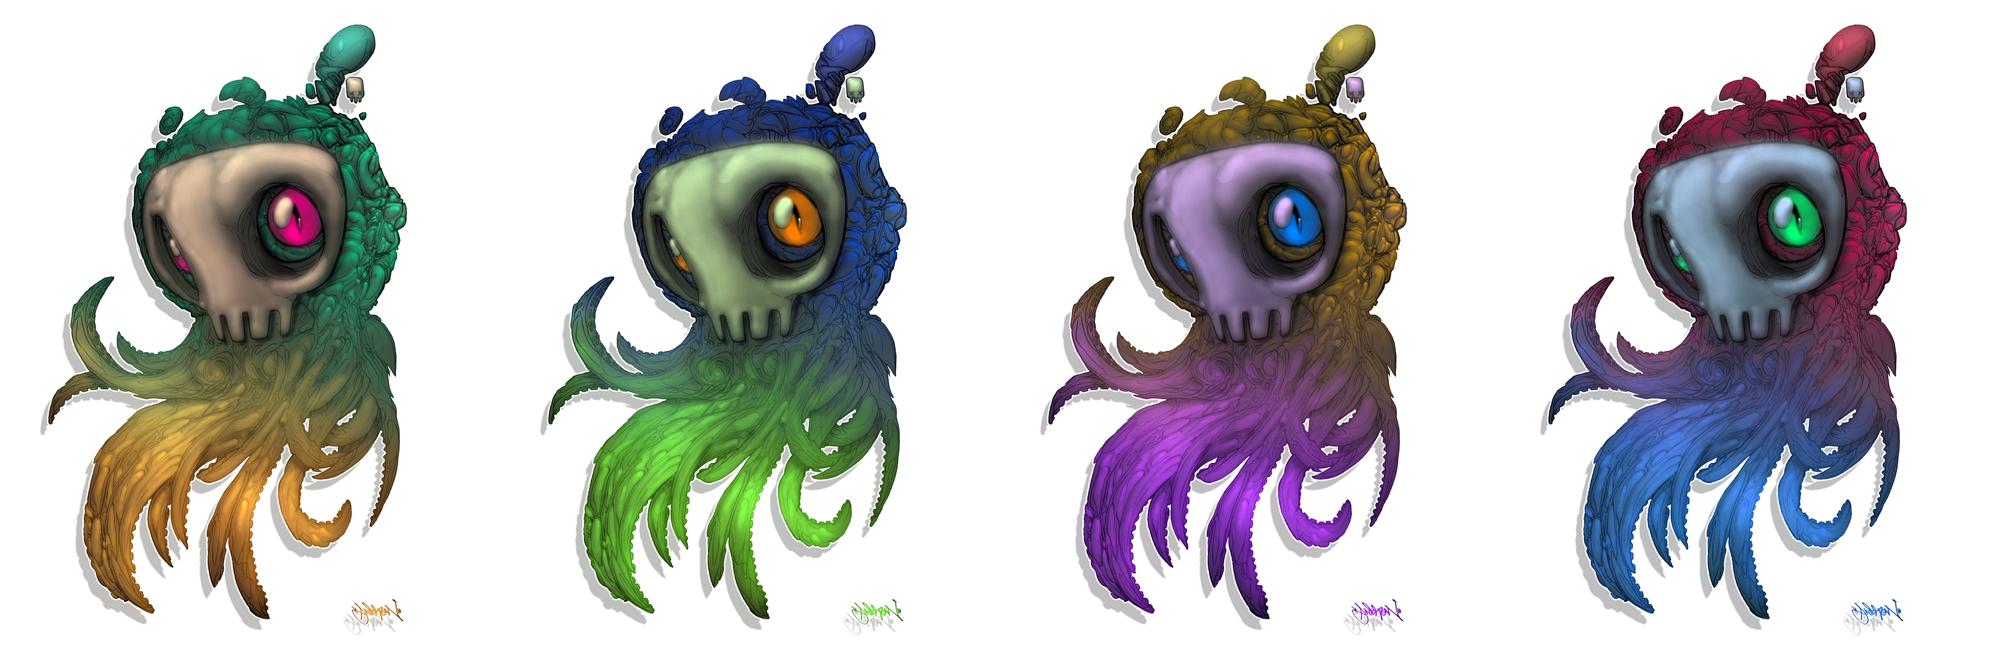 Skull_Squids by Gambear1er